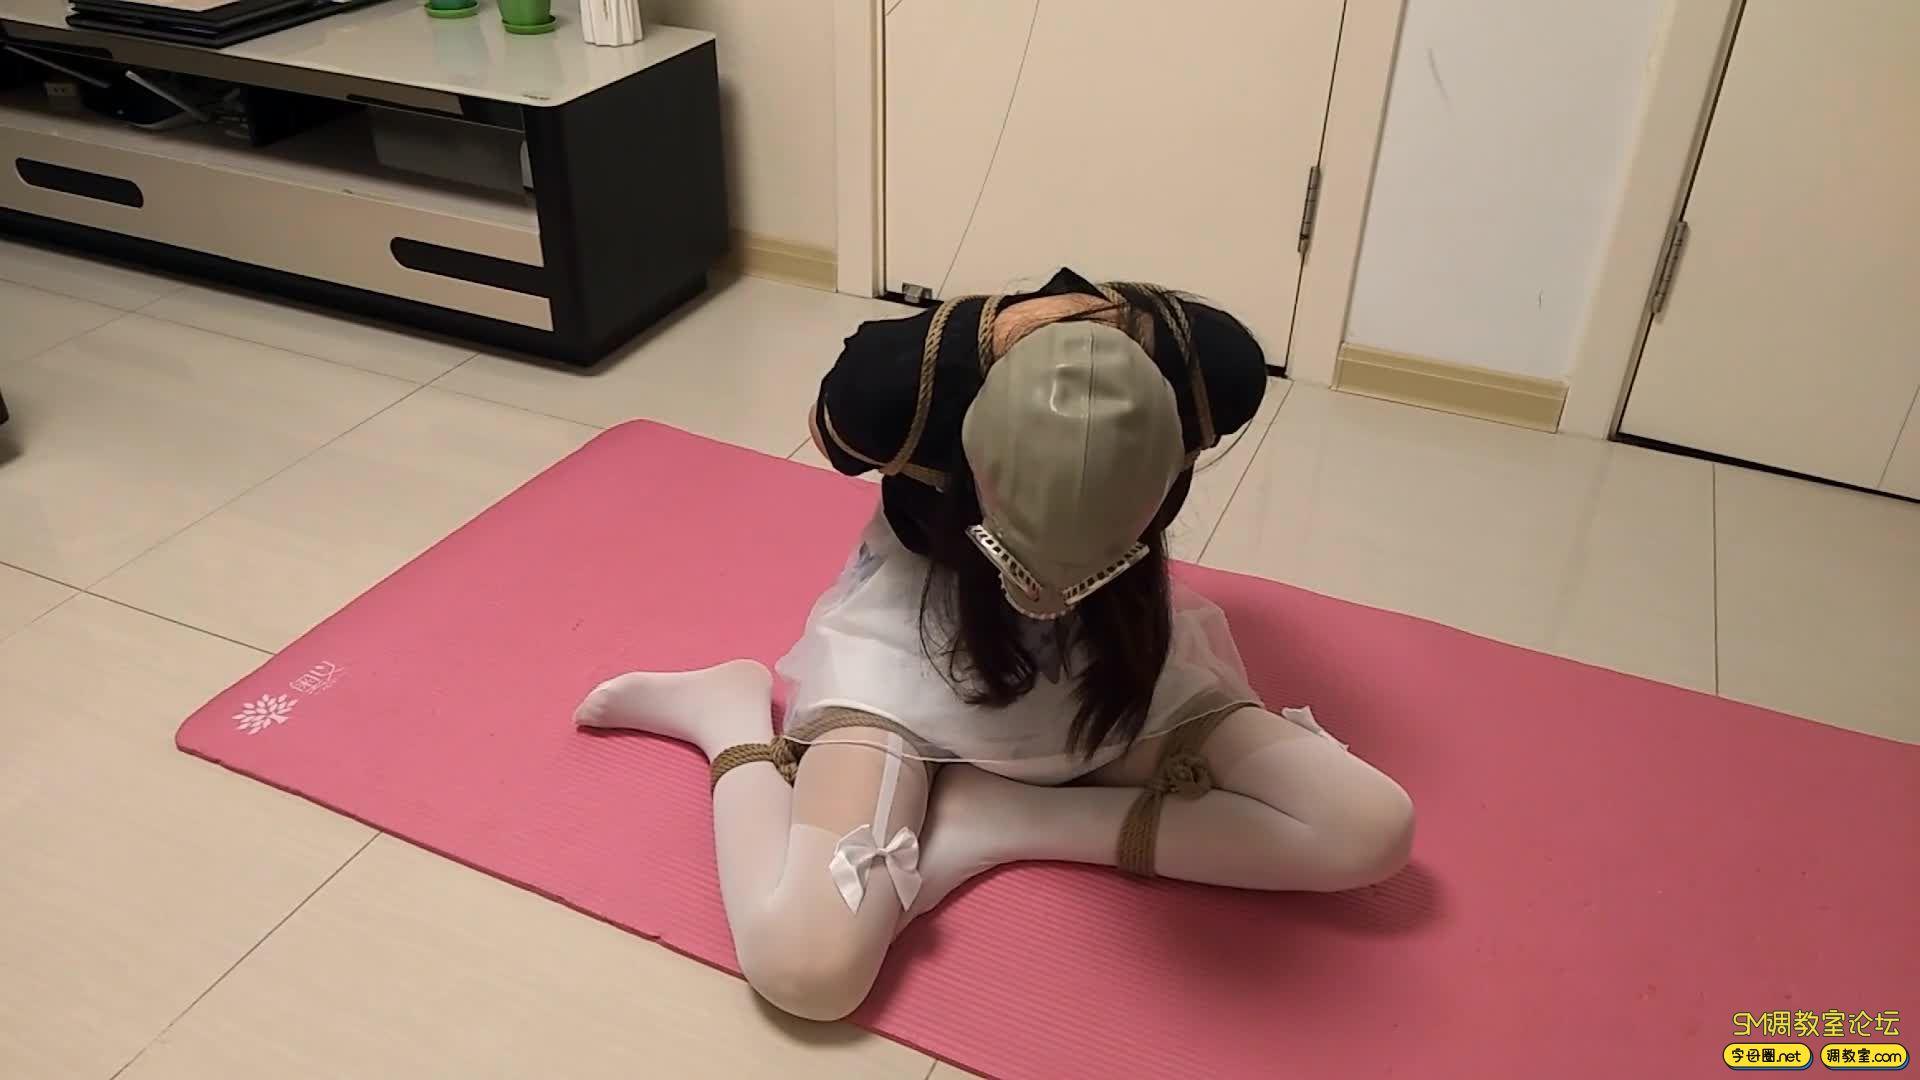 【旋律受虐记】全封闭头套+防毒面具+负压瓶 白丝驷马 M字开腿-视频截图2